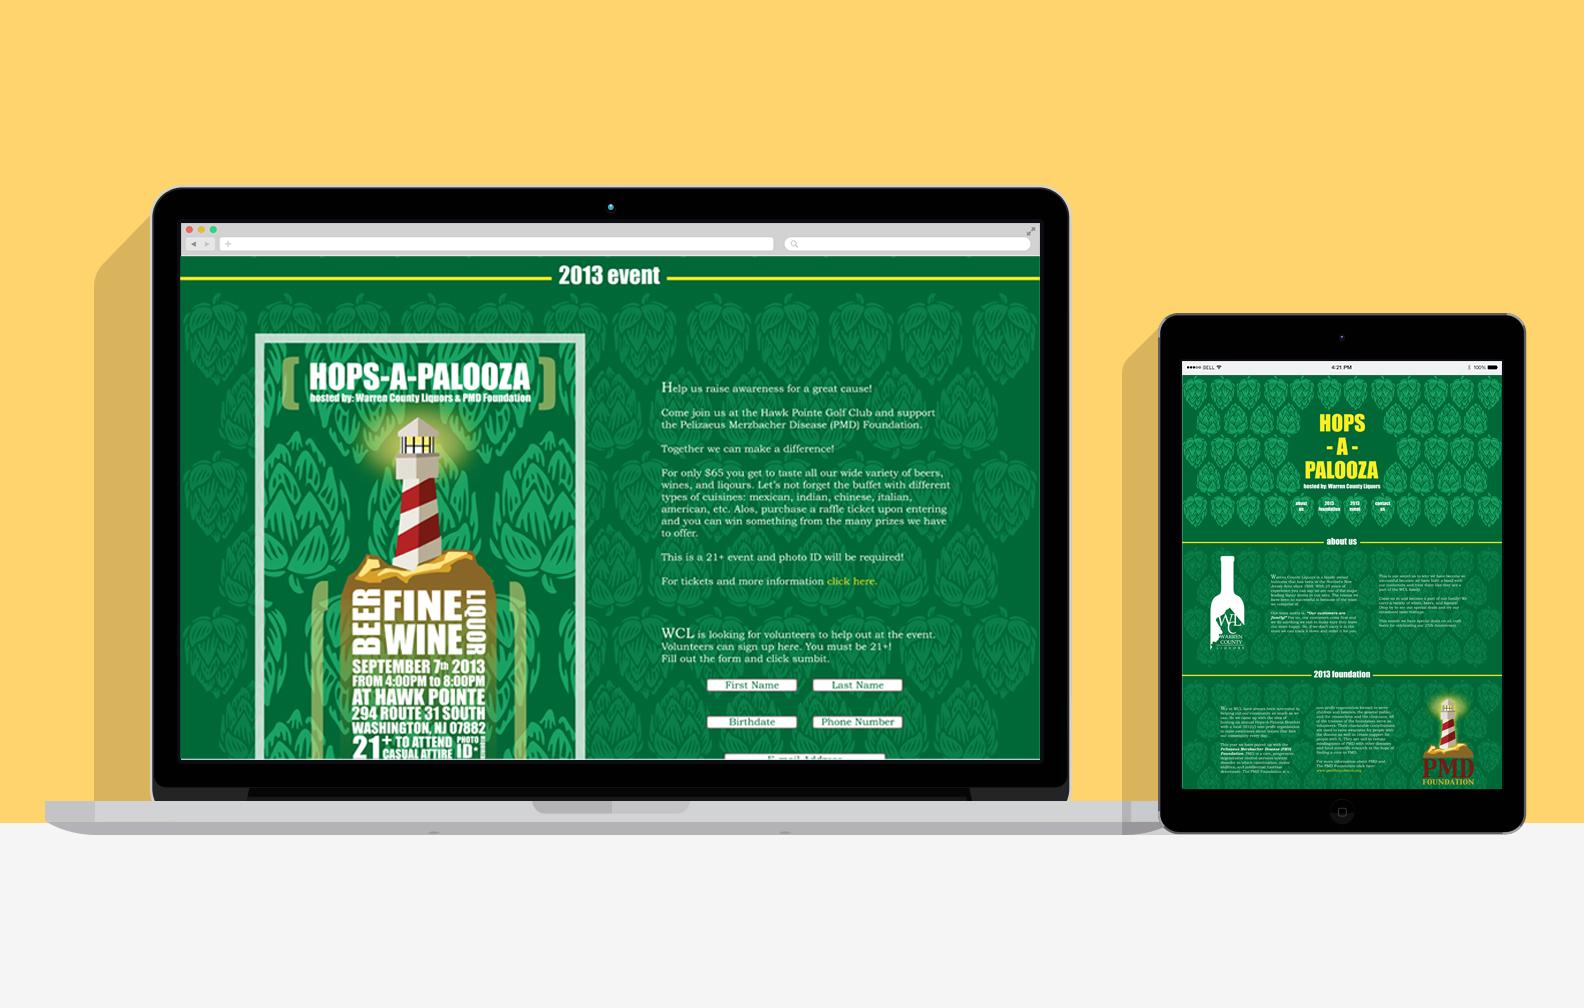 beerfestwebsitemac.jpg